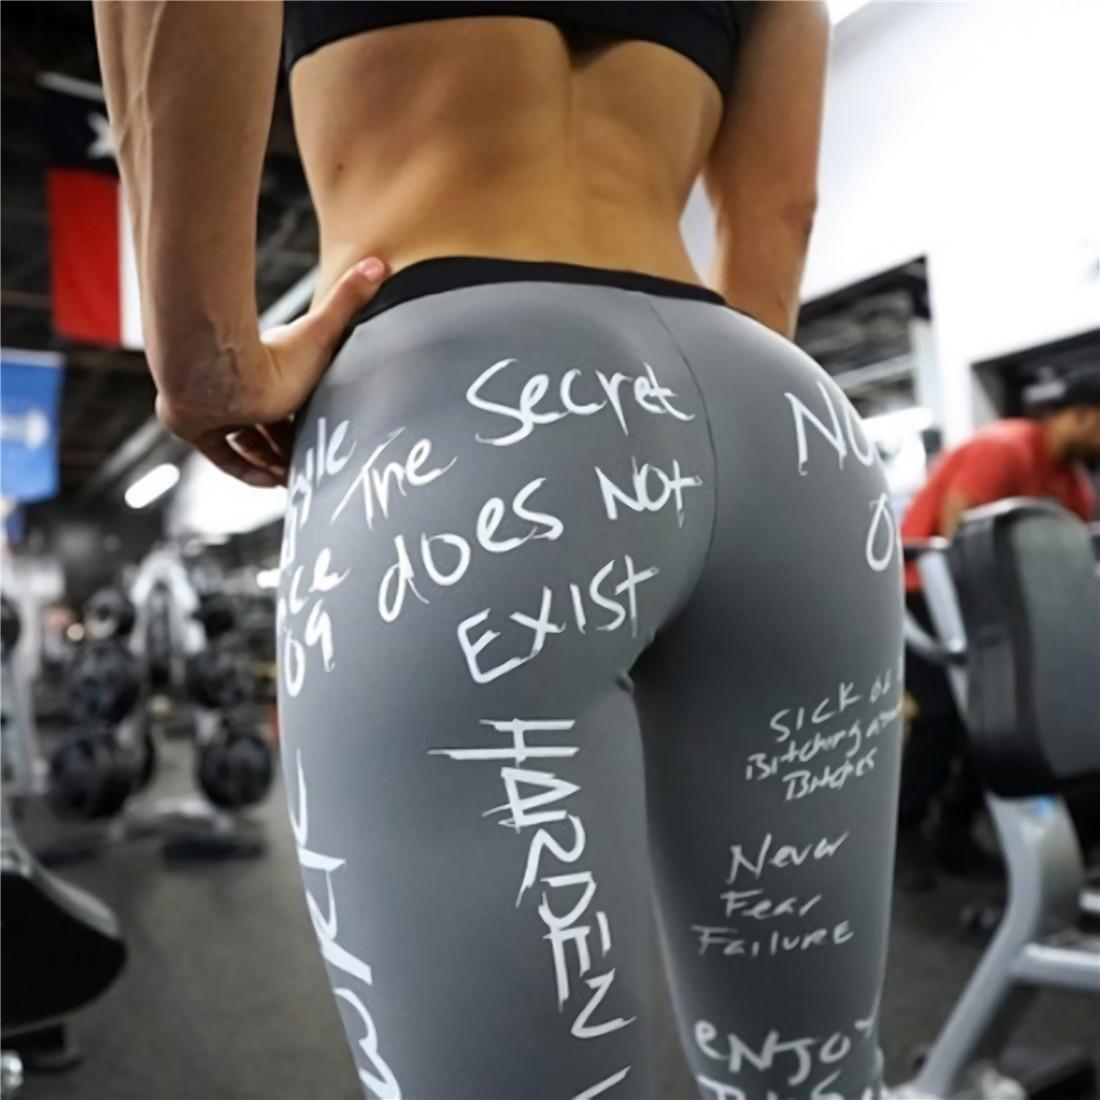 2019 New Fashion Letter Print Leggings Women Slim Fitness High Waist Elastic Workout Leggings for Gym Sport Running Europe Size 33